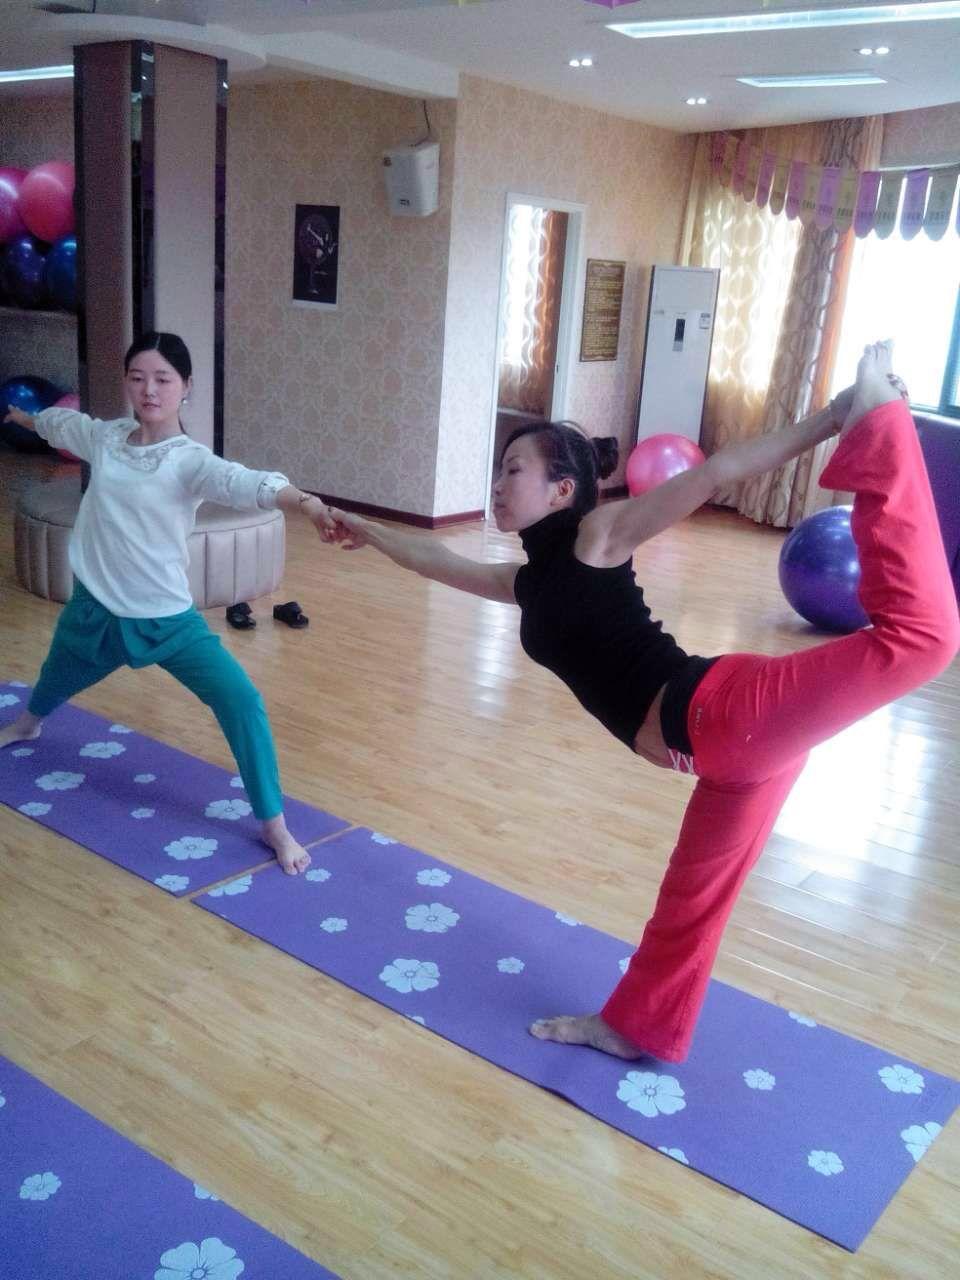 哈他瑜伽,排毒瑜伽,纤体瑜伽,舞韵瑜伽,阴瑜伽,瘦身瑜伽,脊柱理疗瑜伽图片